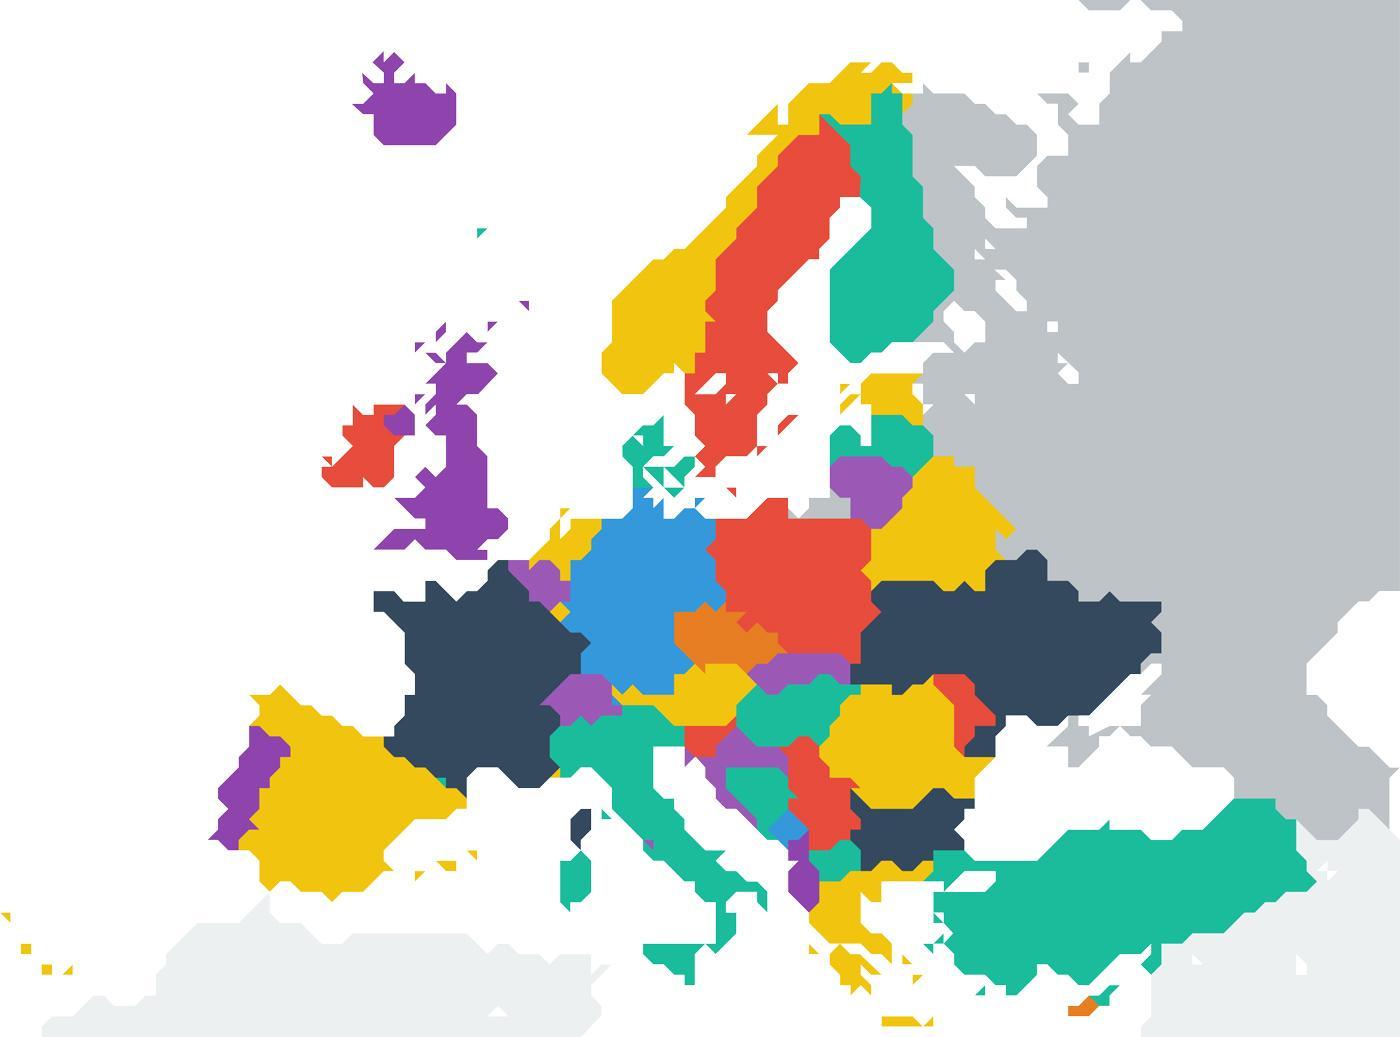 Europakarte.jpg